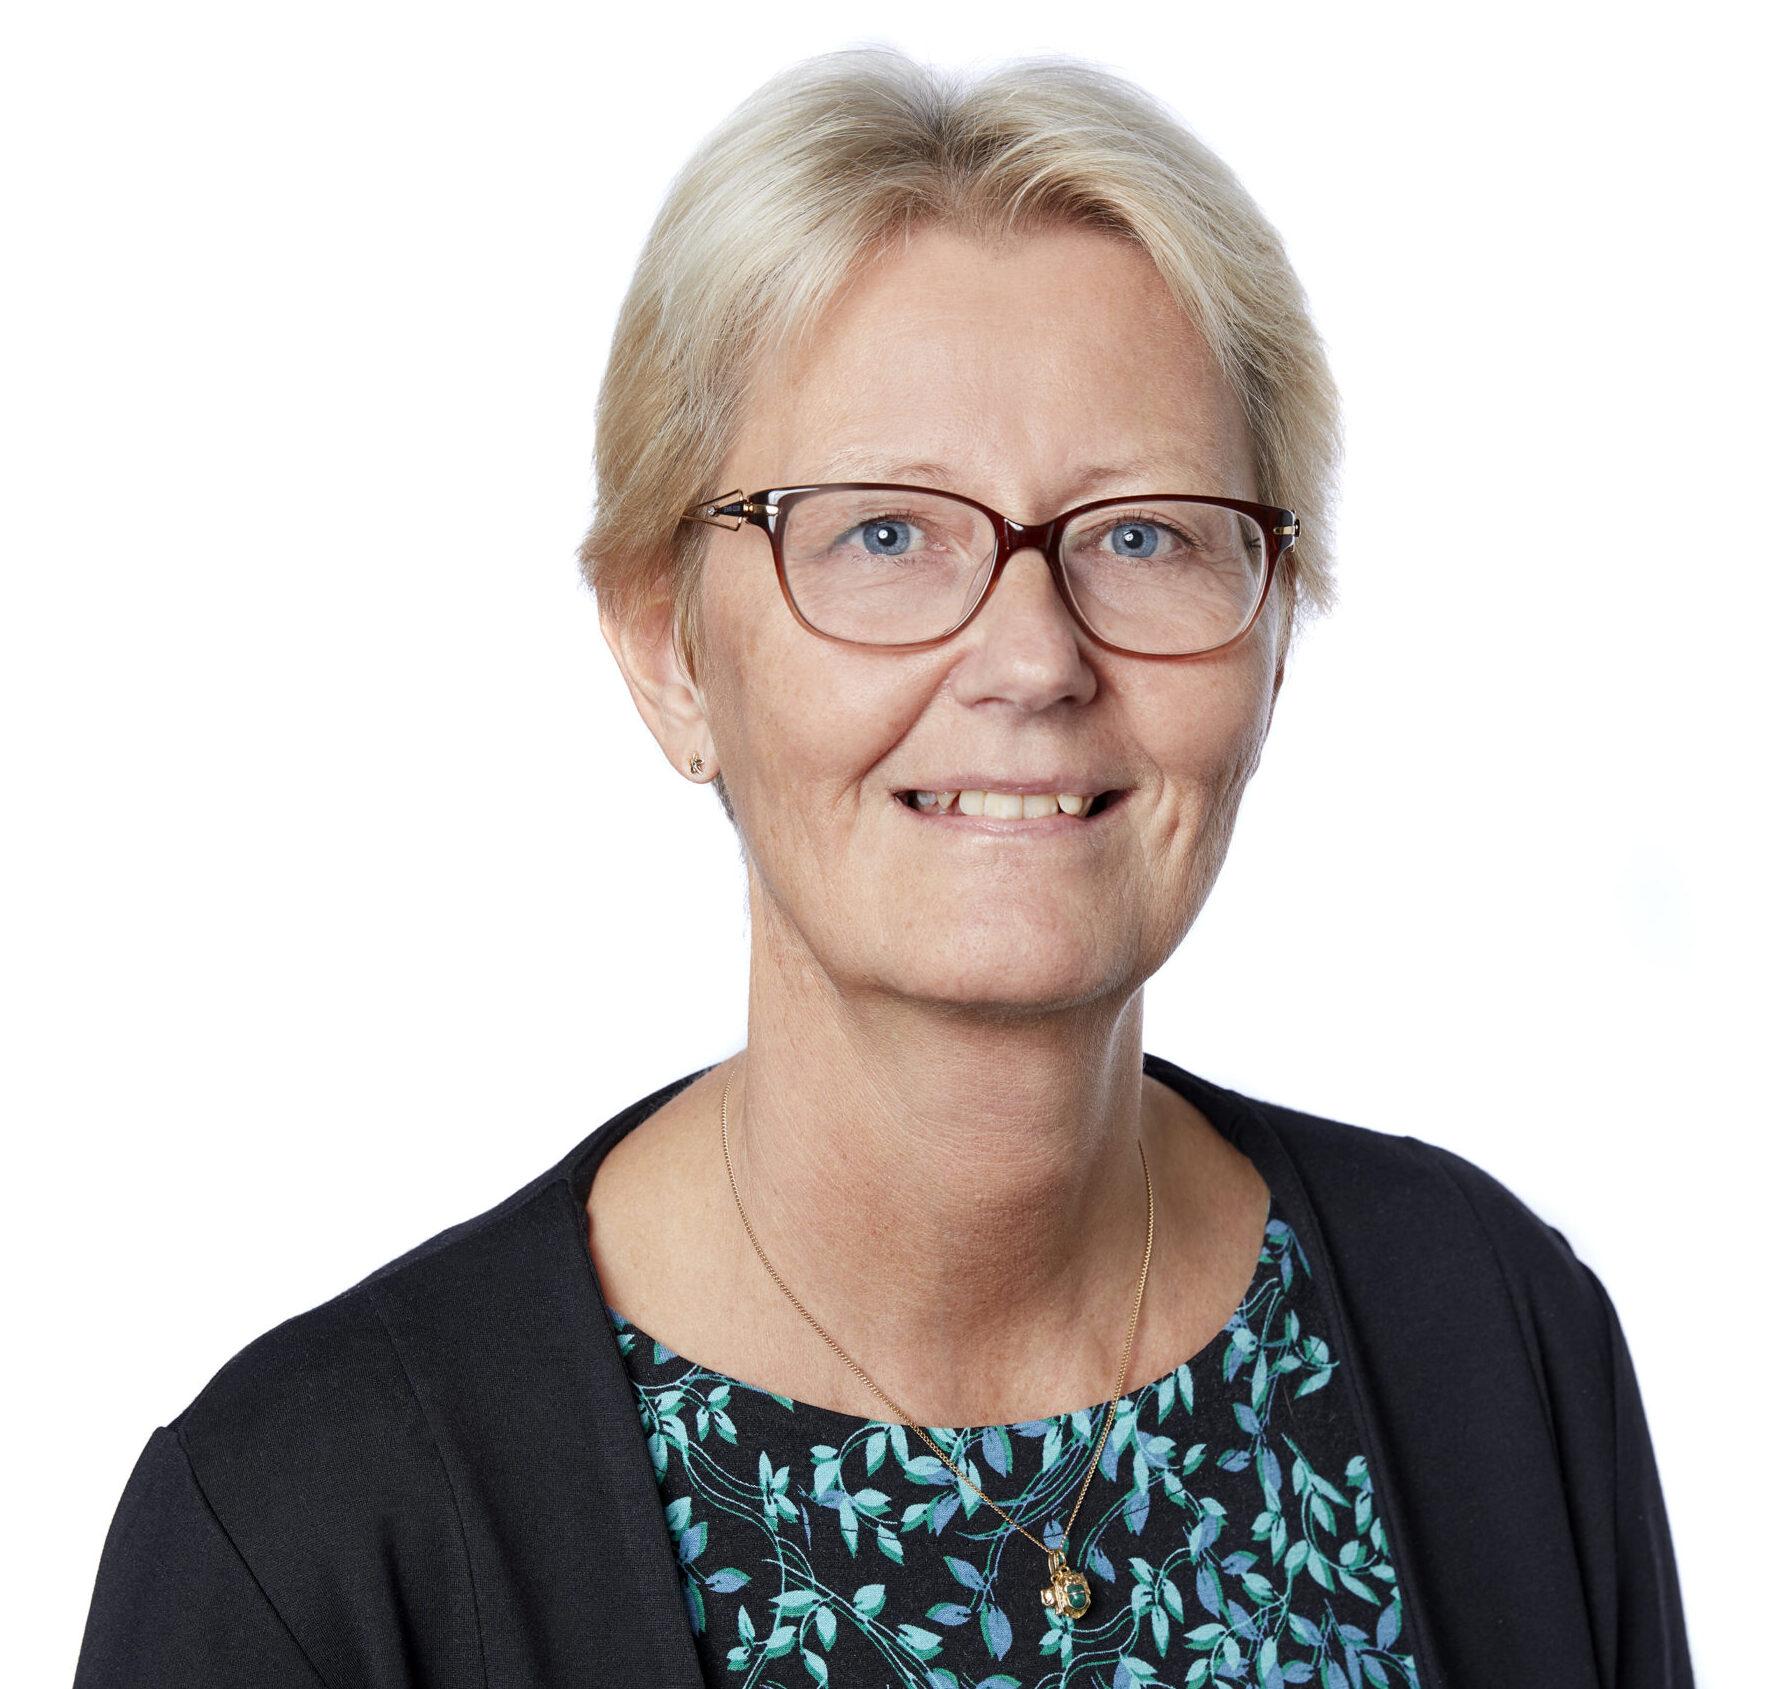 Ingalill Söderberg